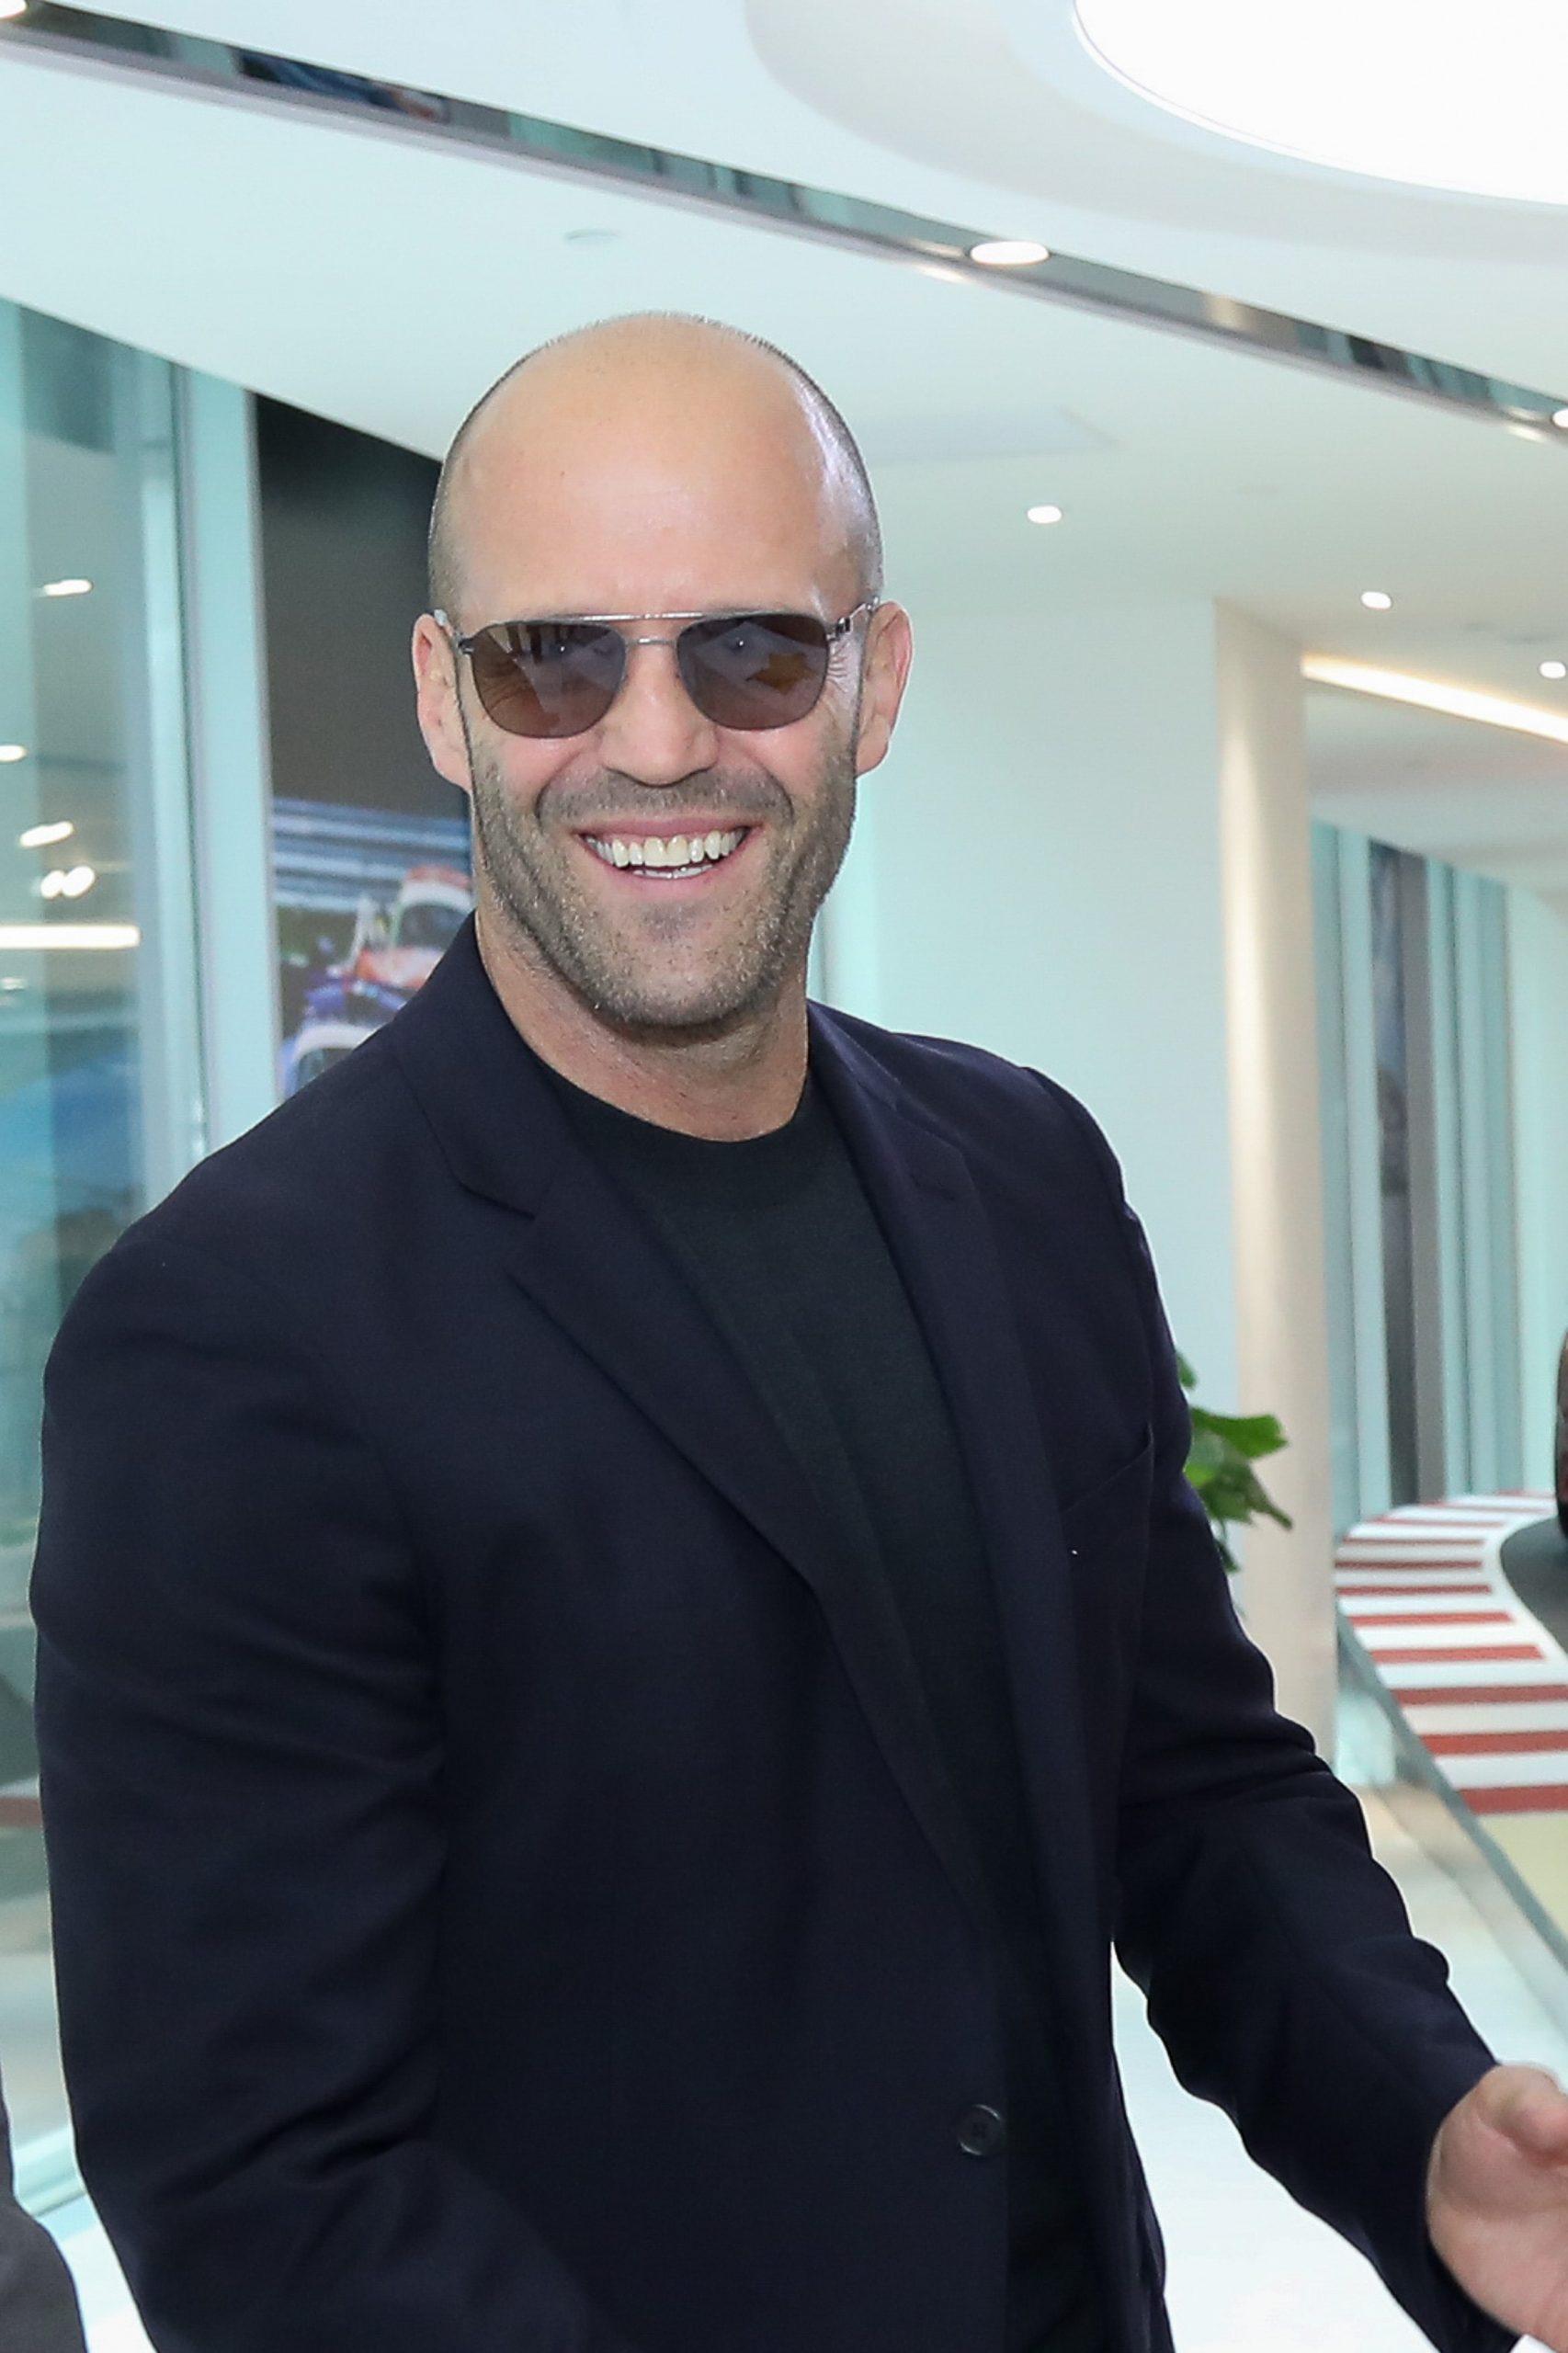 A bald what head suit glasses 9 Best